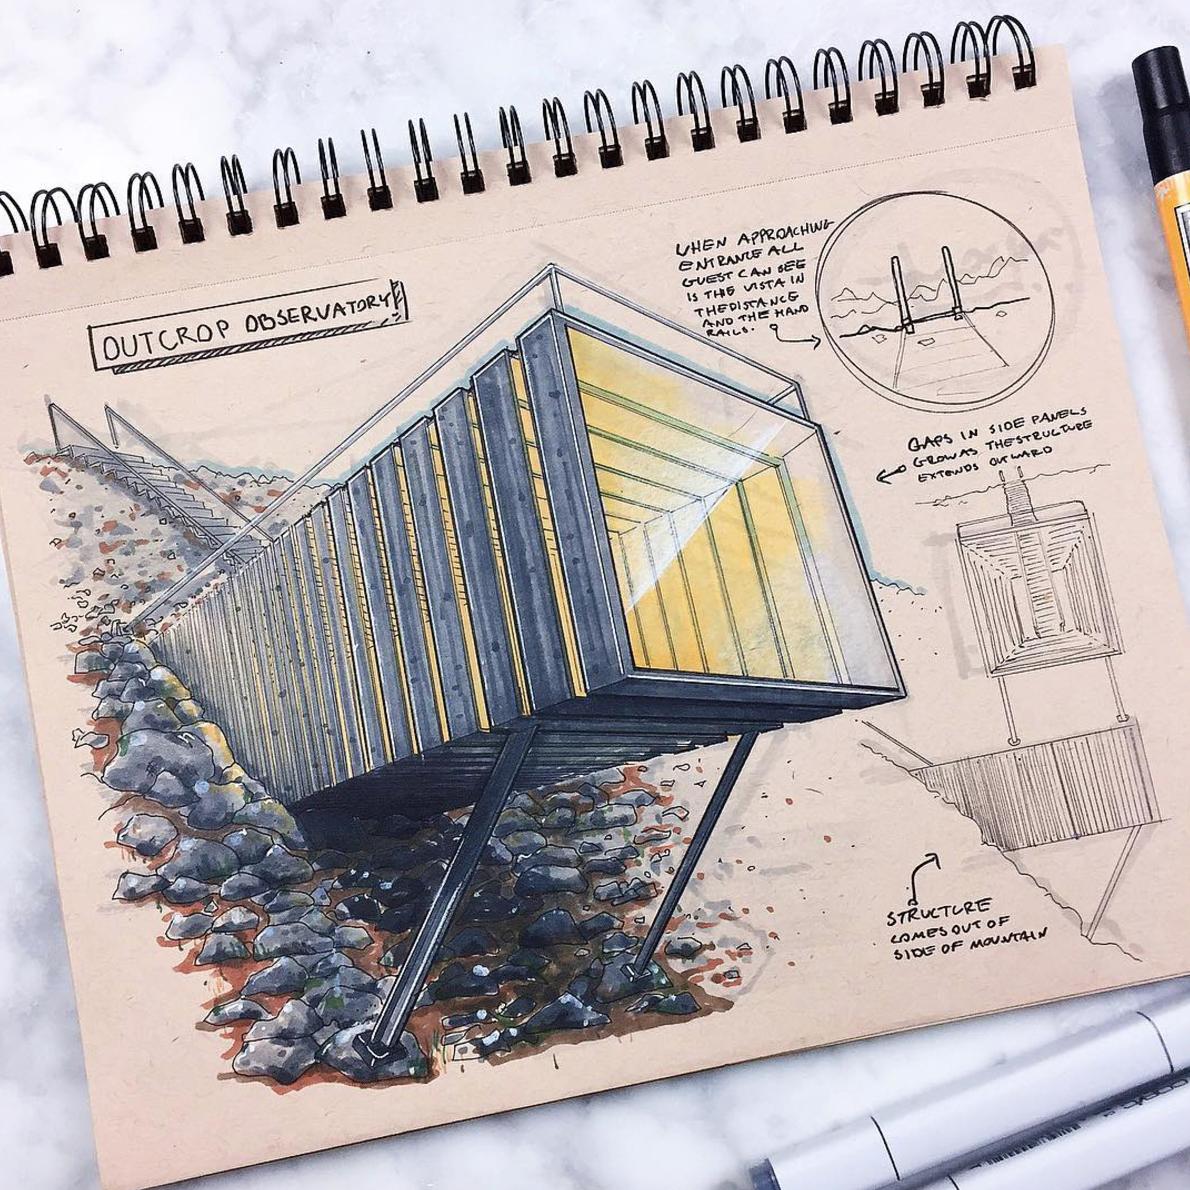 Industrial design drawing Reid Schlegel